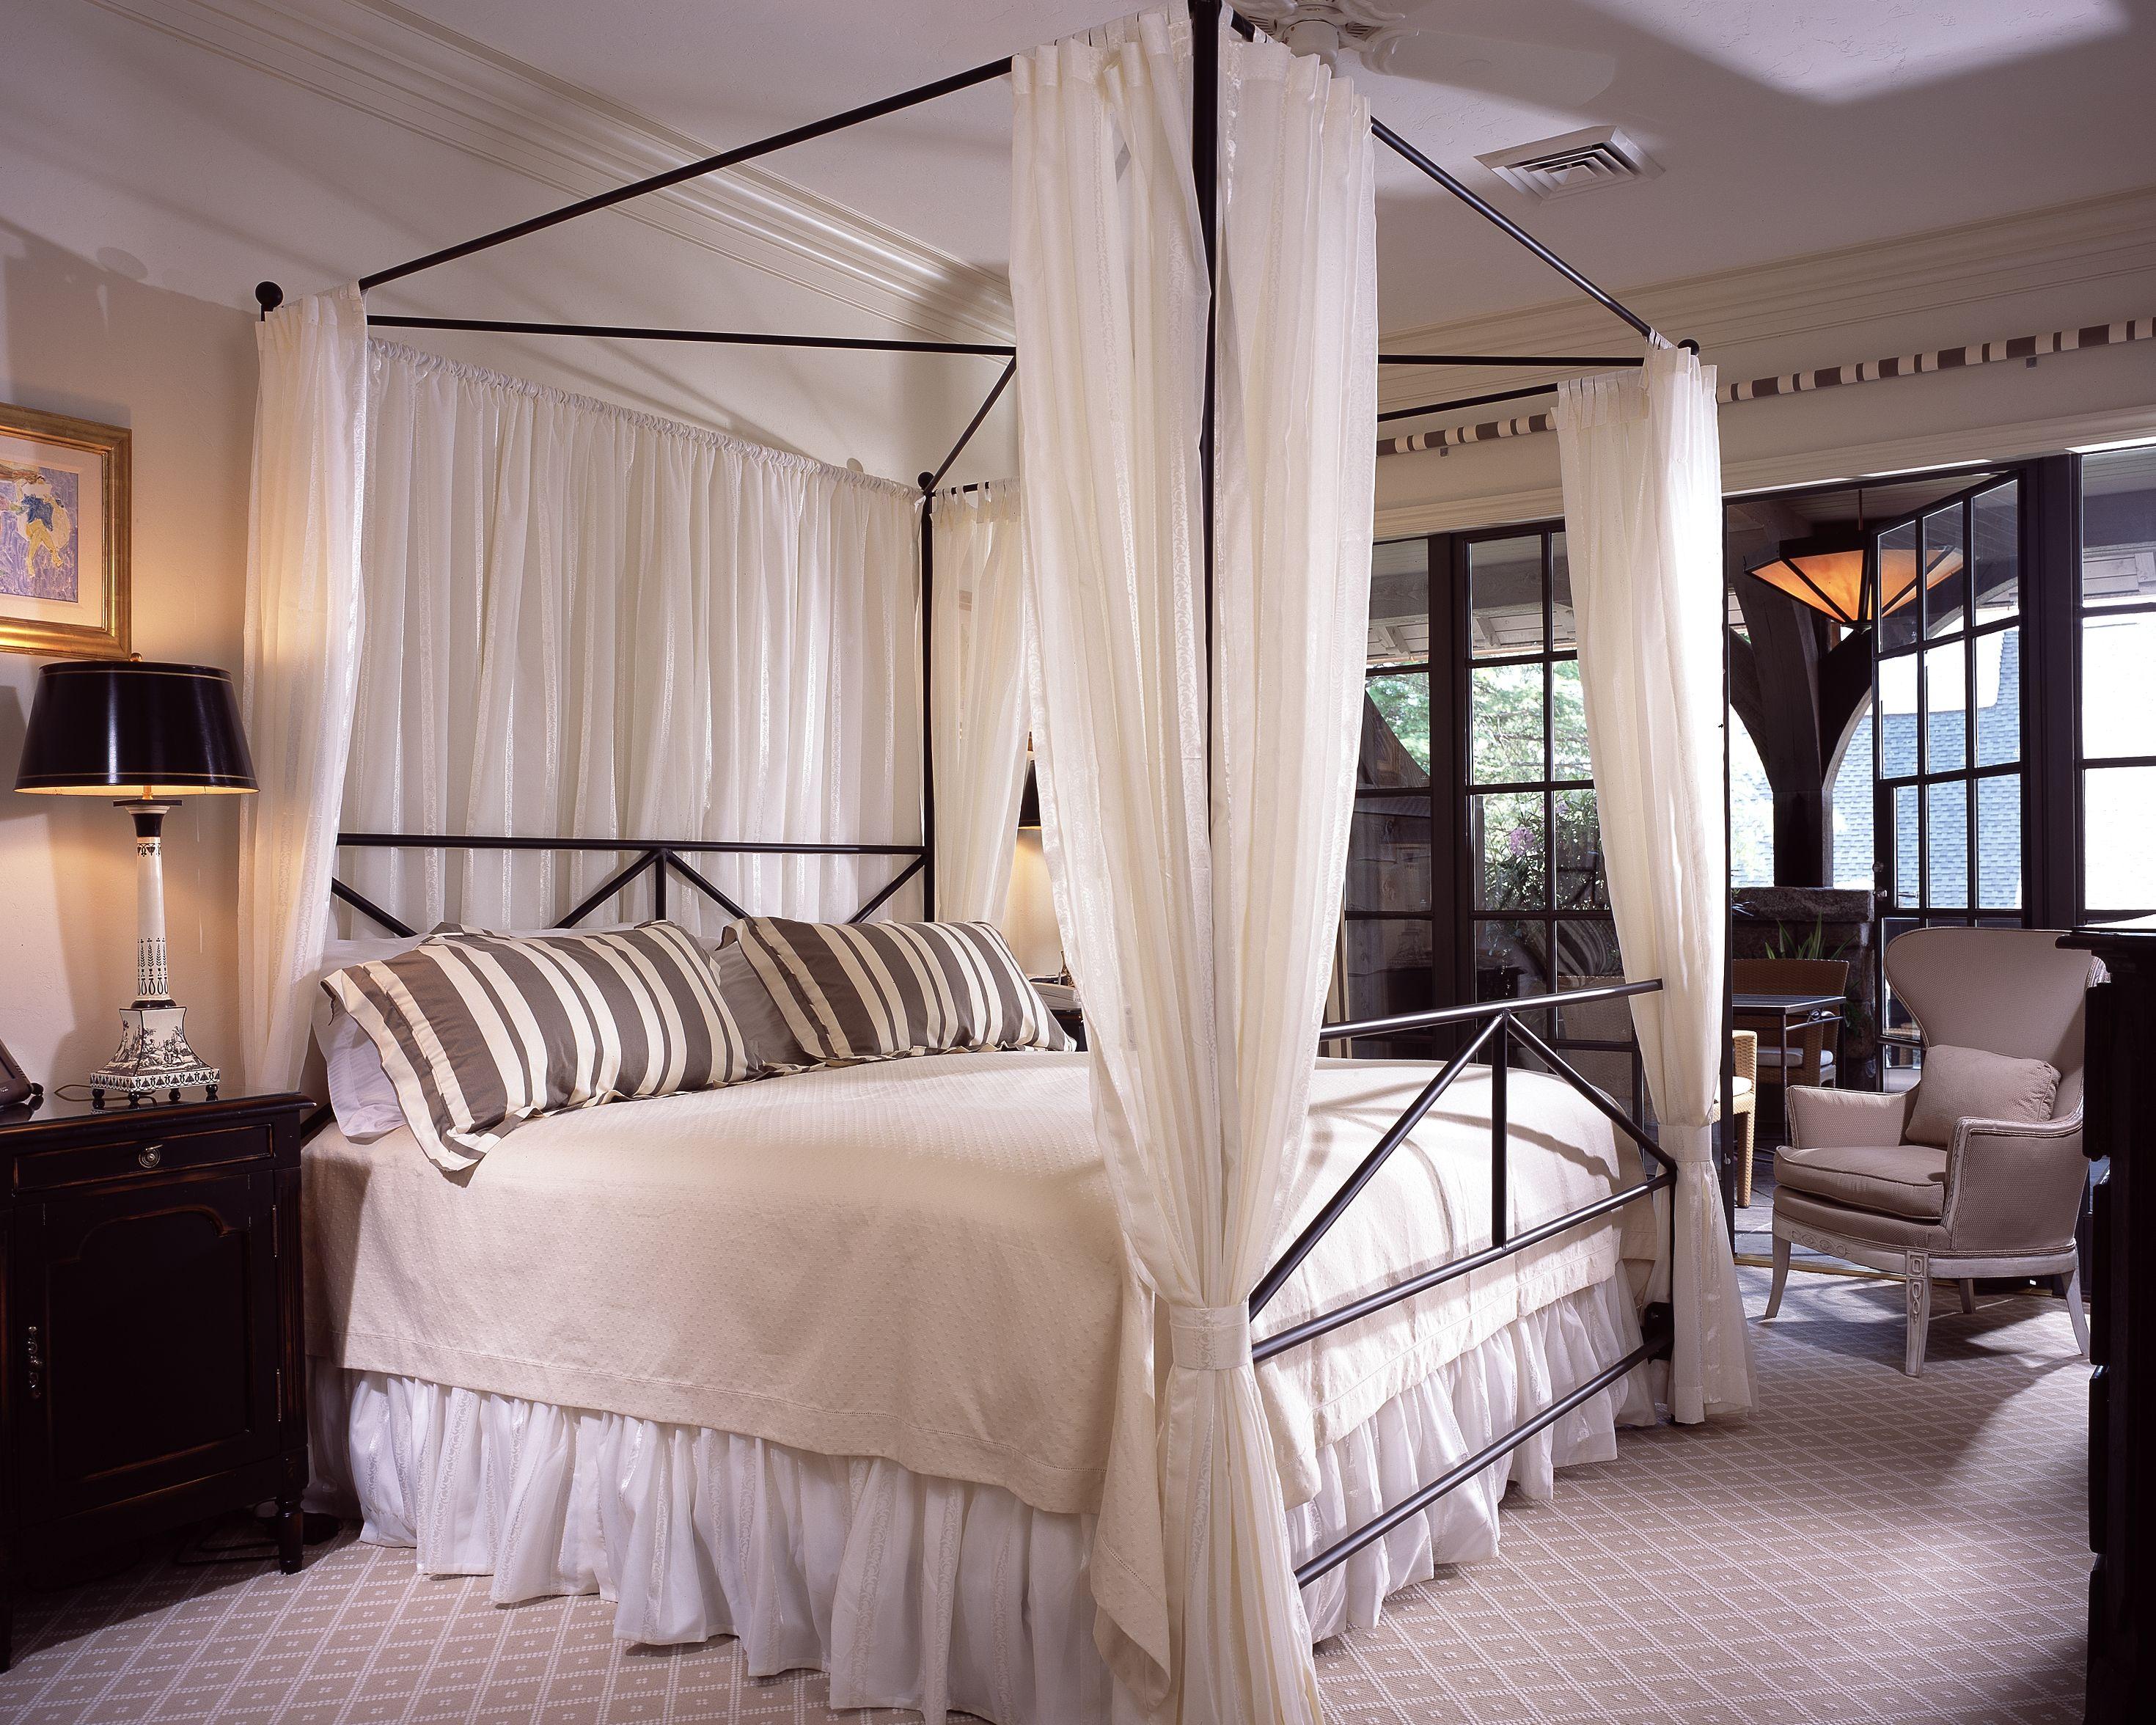 my kinda bedroom